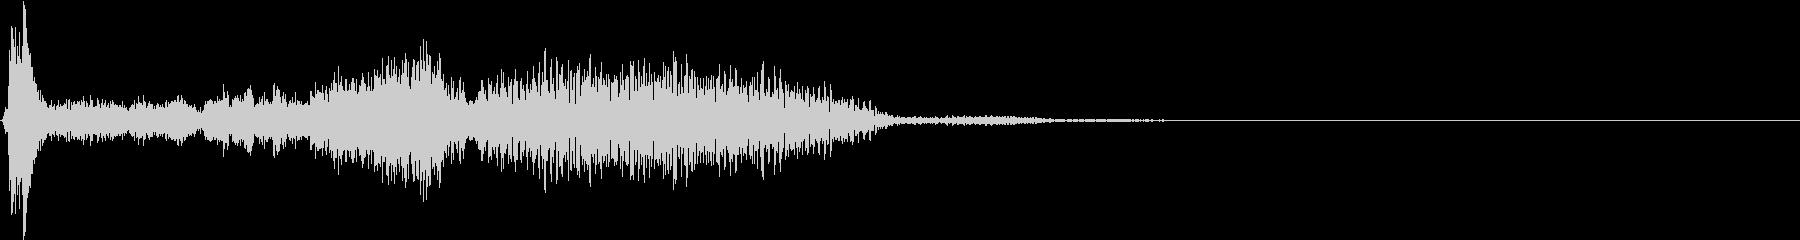 エンジン入れる音の未再生の波形